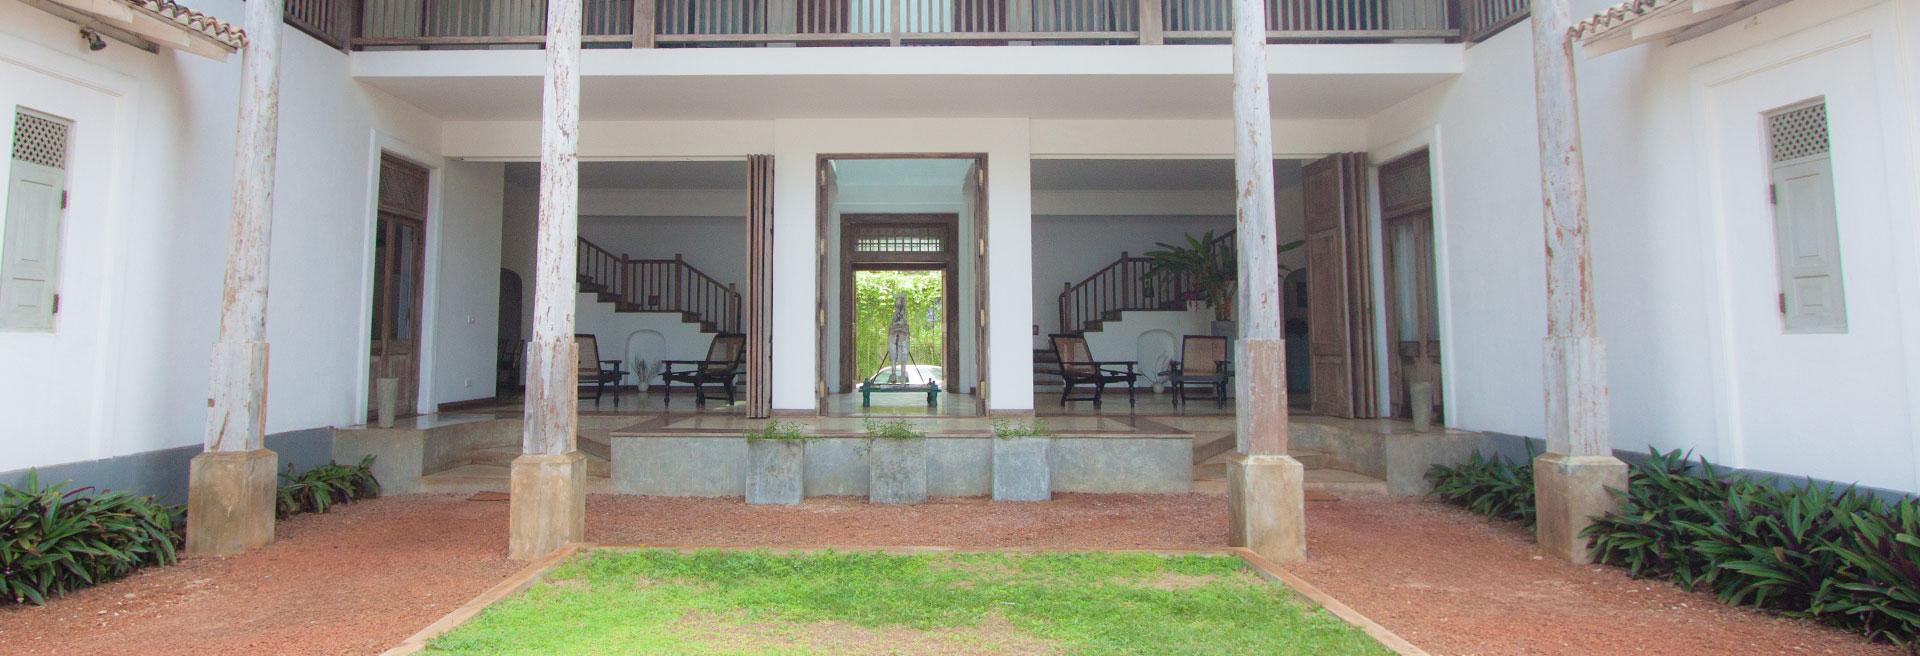 Luxury Lobby Room Exterior